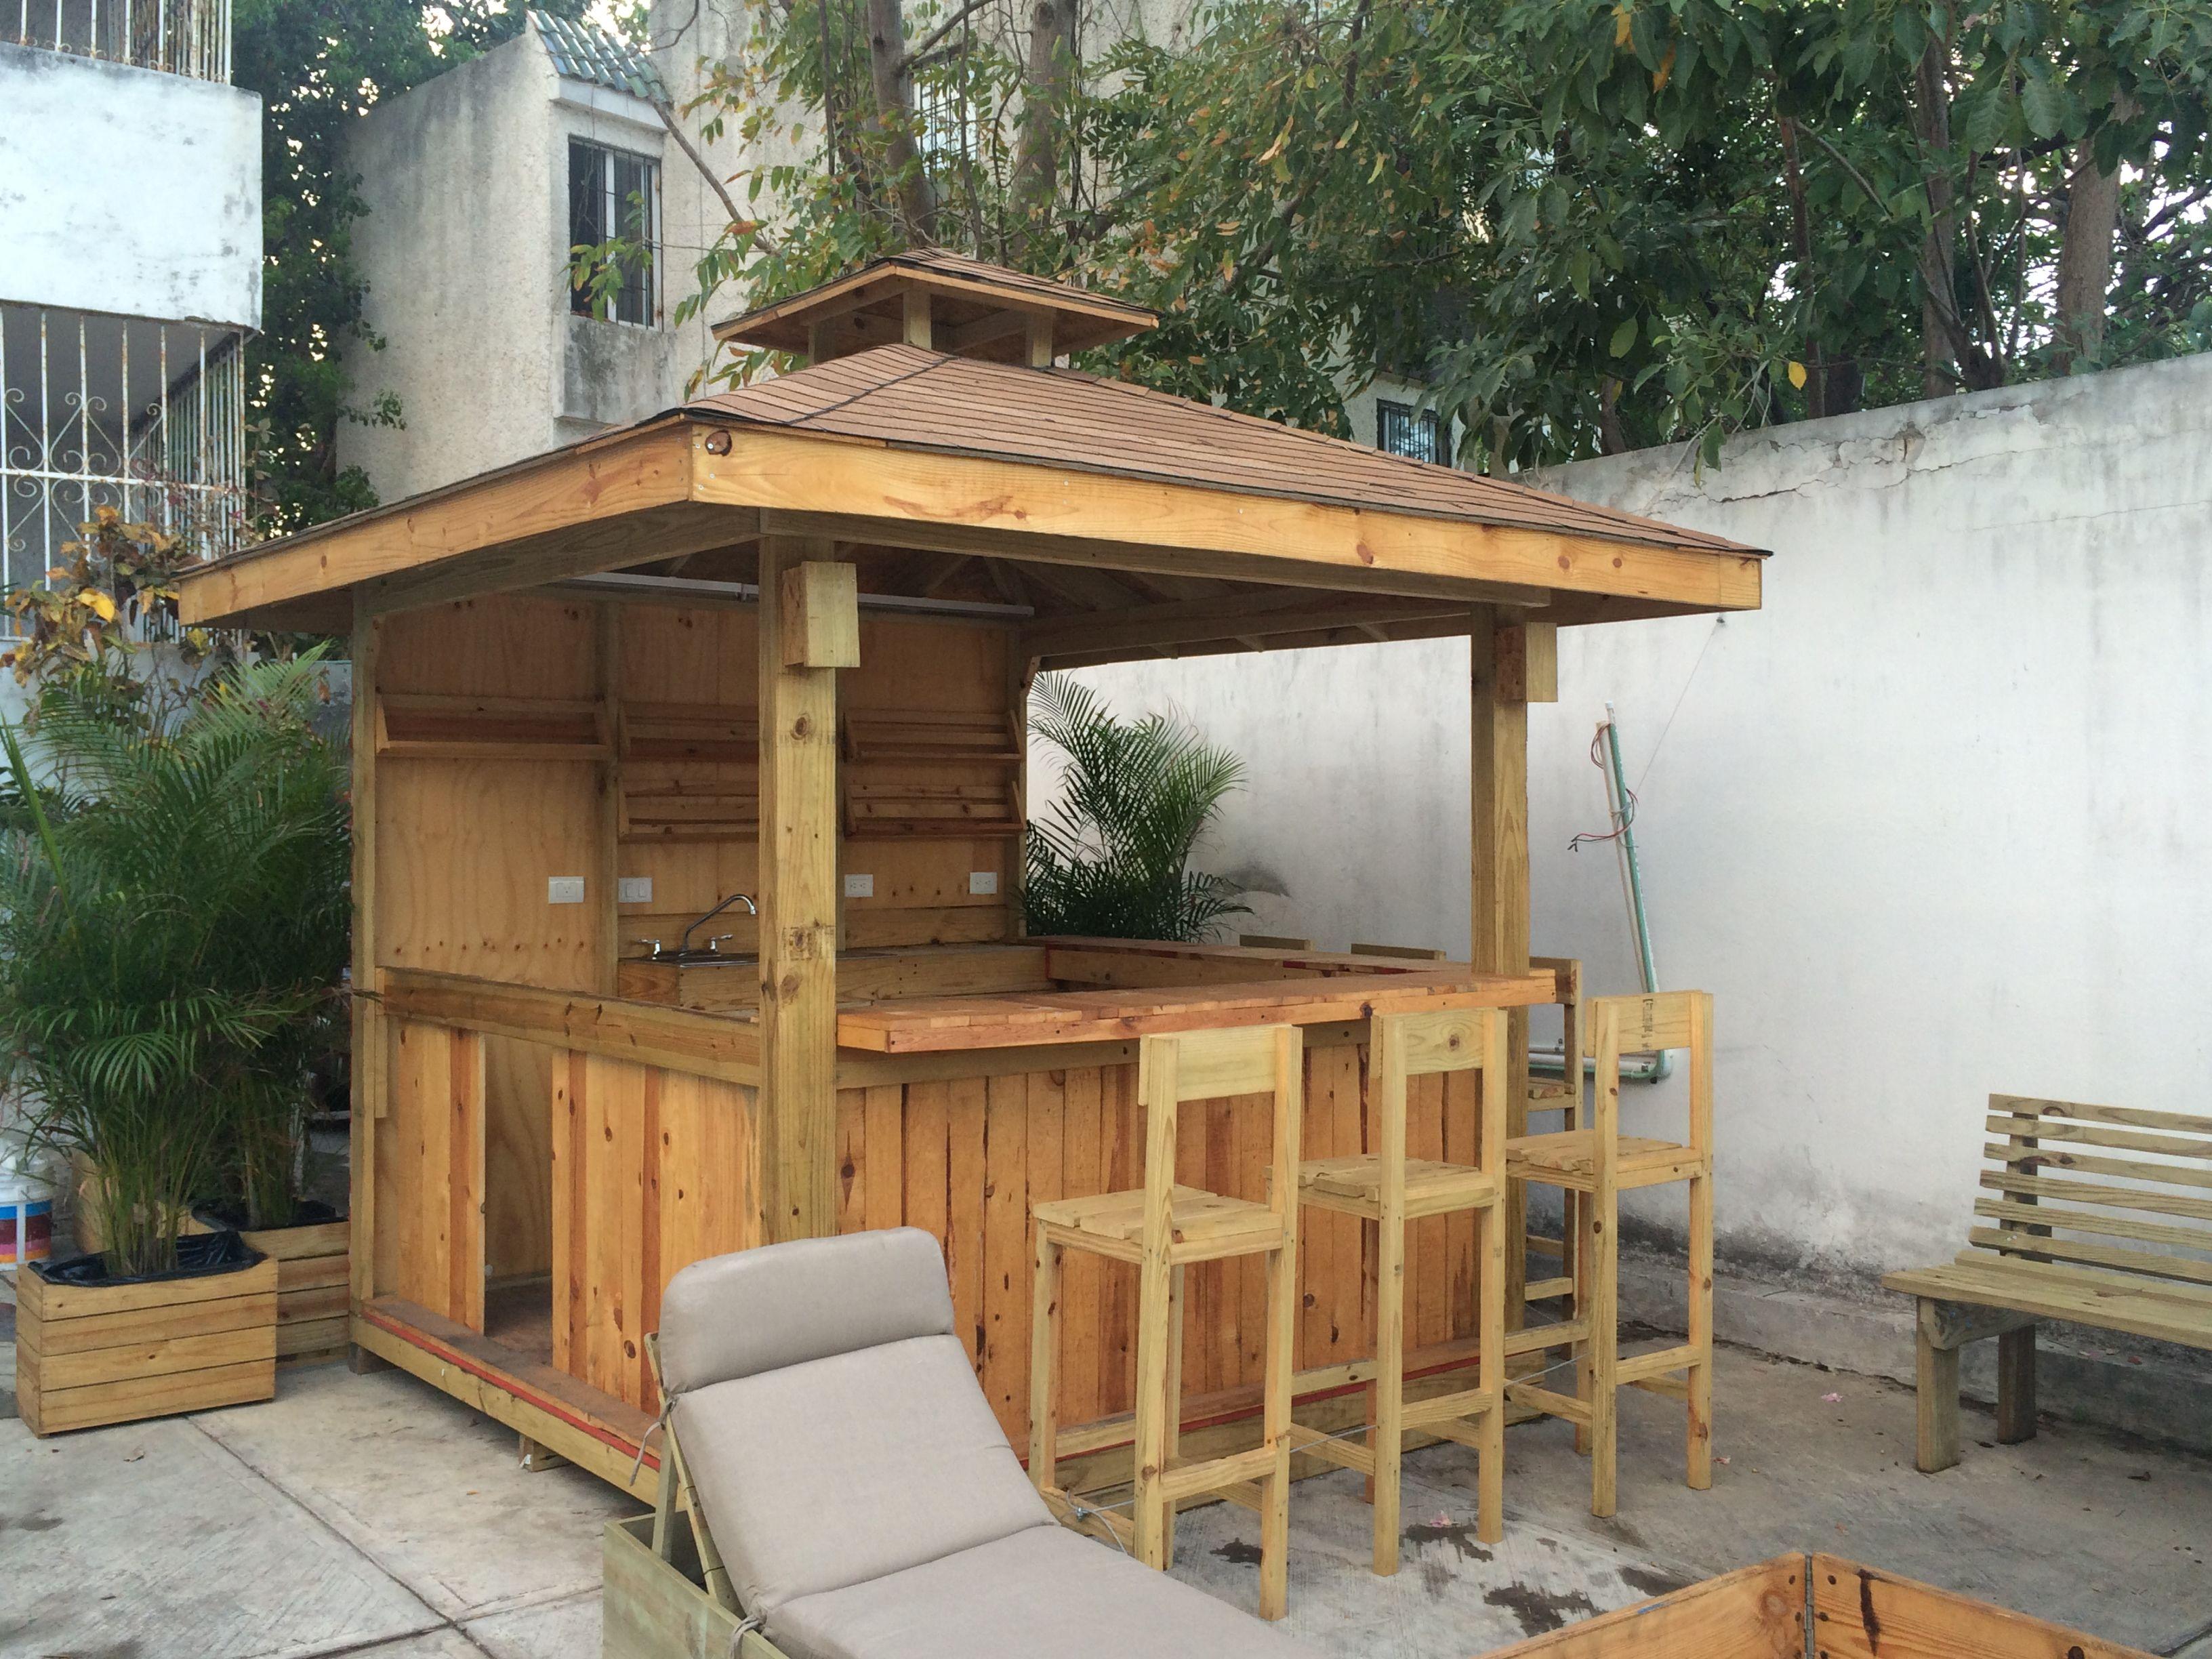 Kiosko gasebo para negocio cafe jugos artesan as for Tejados de madera para exterior